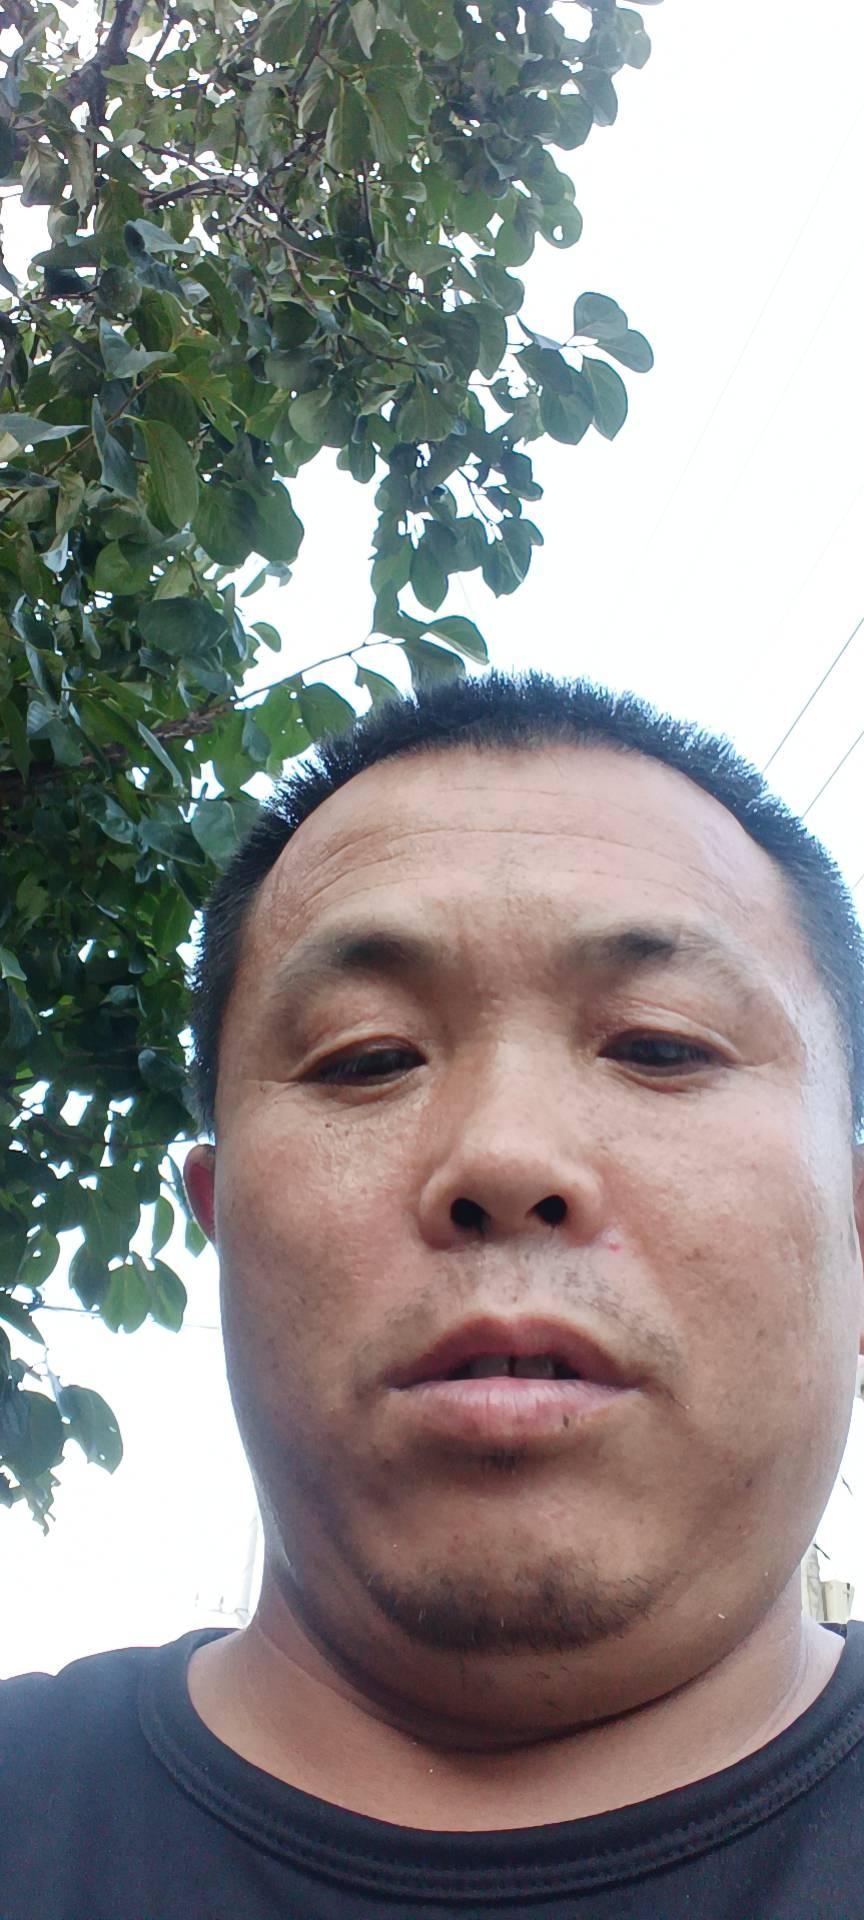 会员704739322的照片